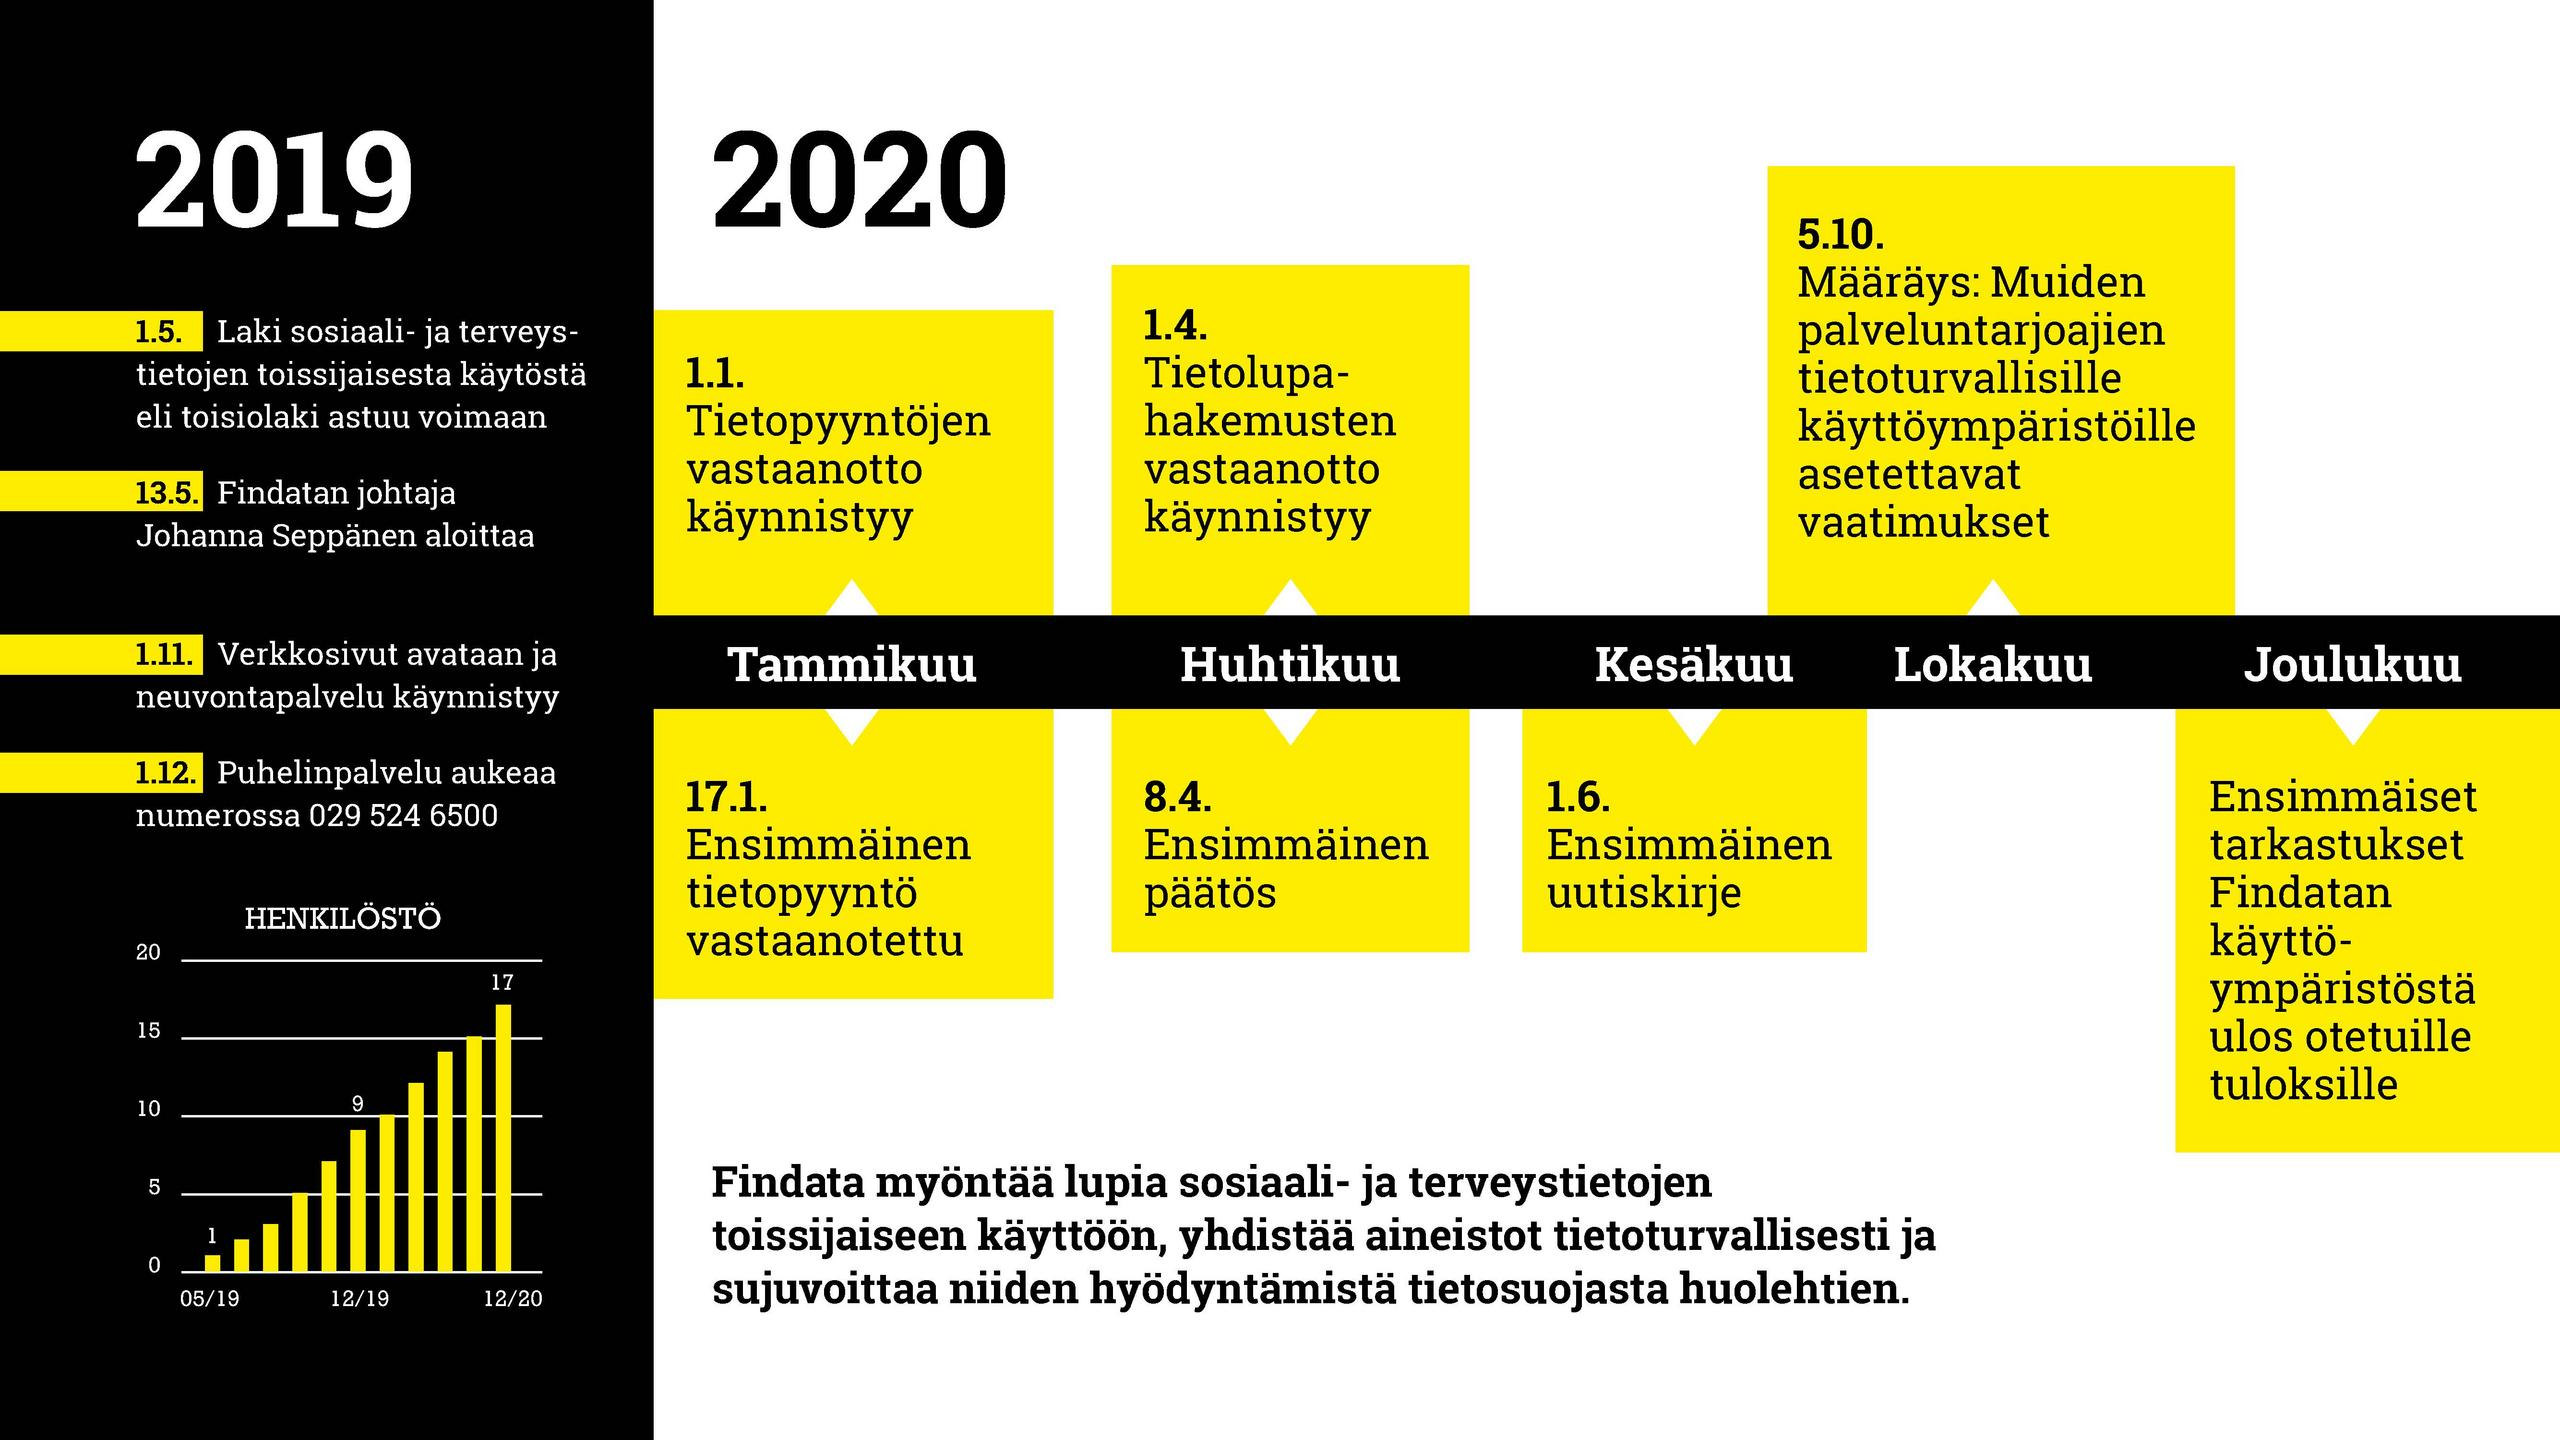 Aikajana vuosilta 2019-2020. Linkki saavutettavaan PDF-tiedostoon sivun alussa.